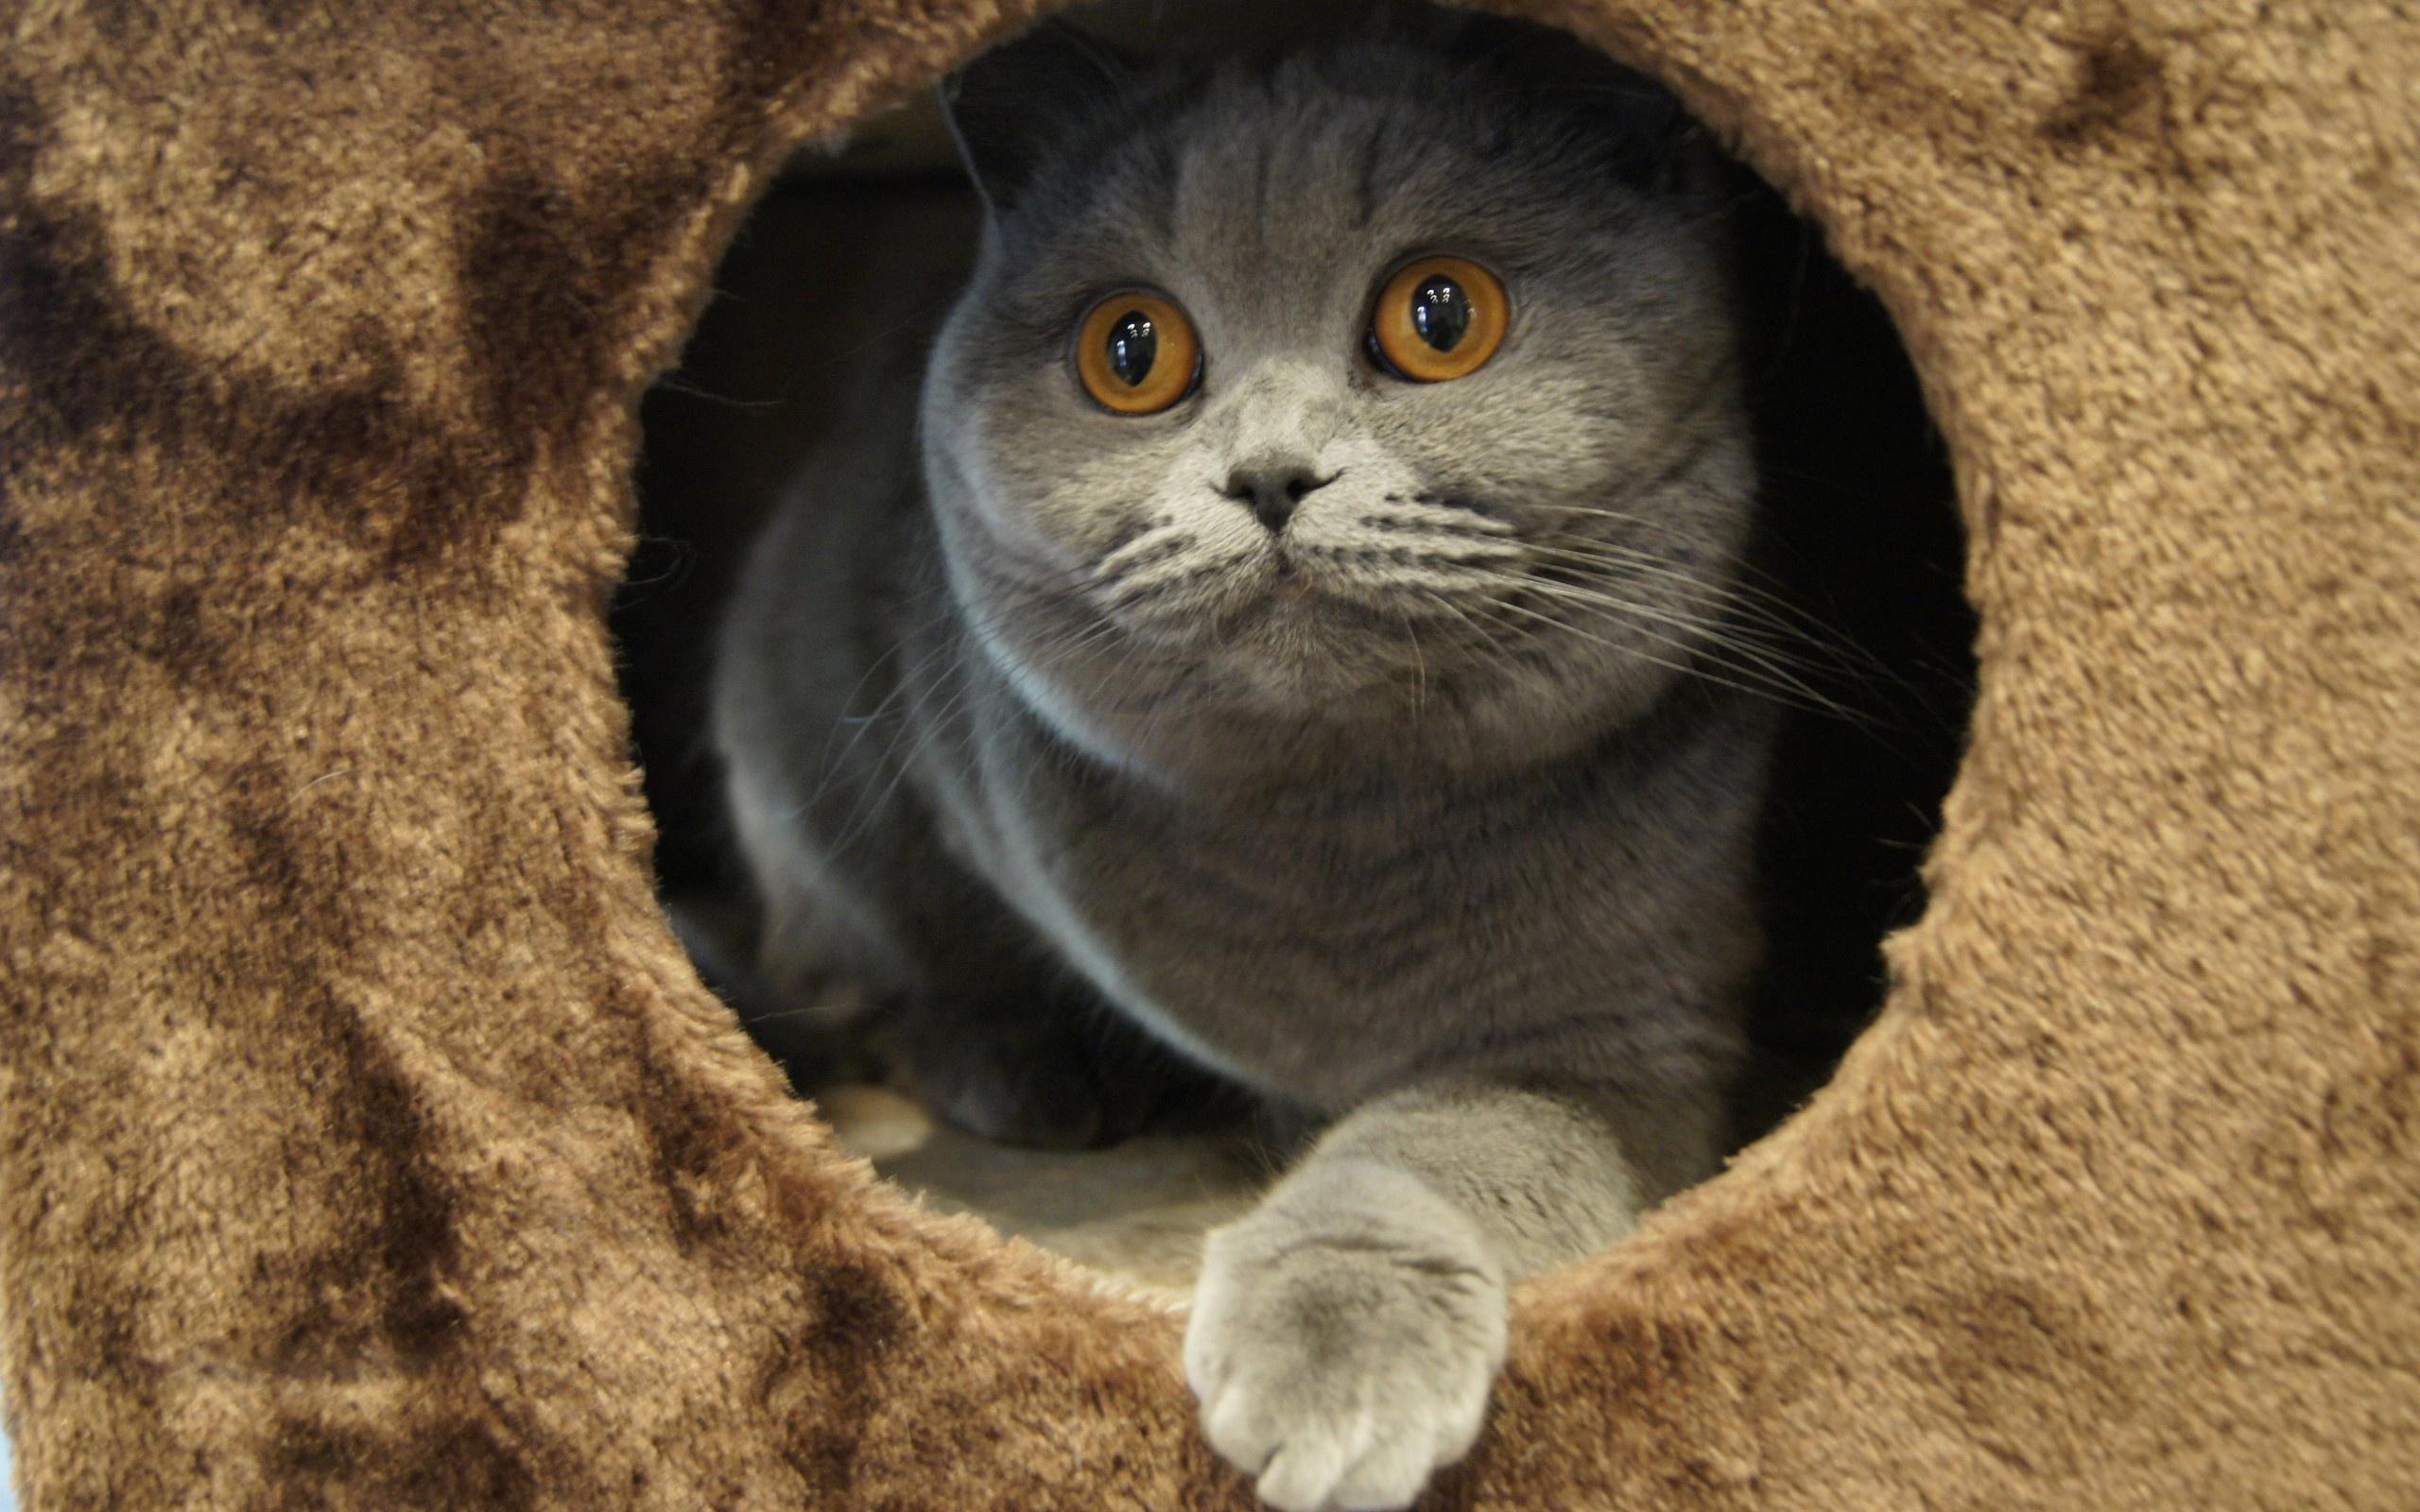 Немецком языке, смешные картинки с вислоухими котами